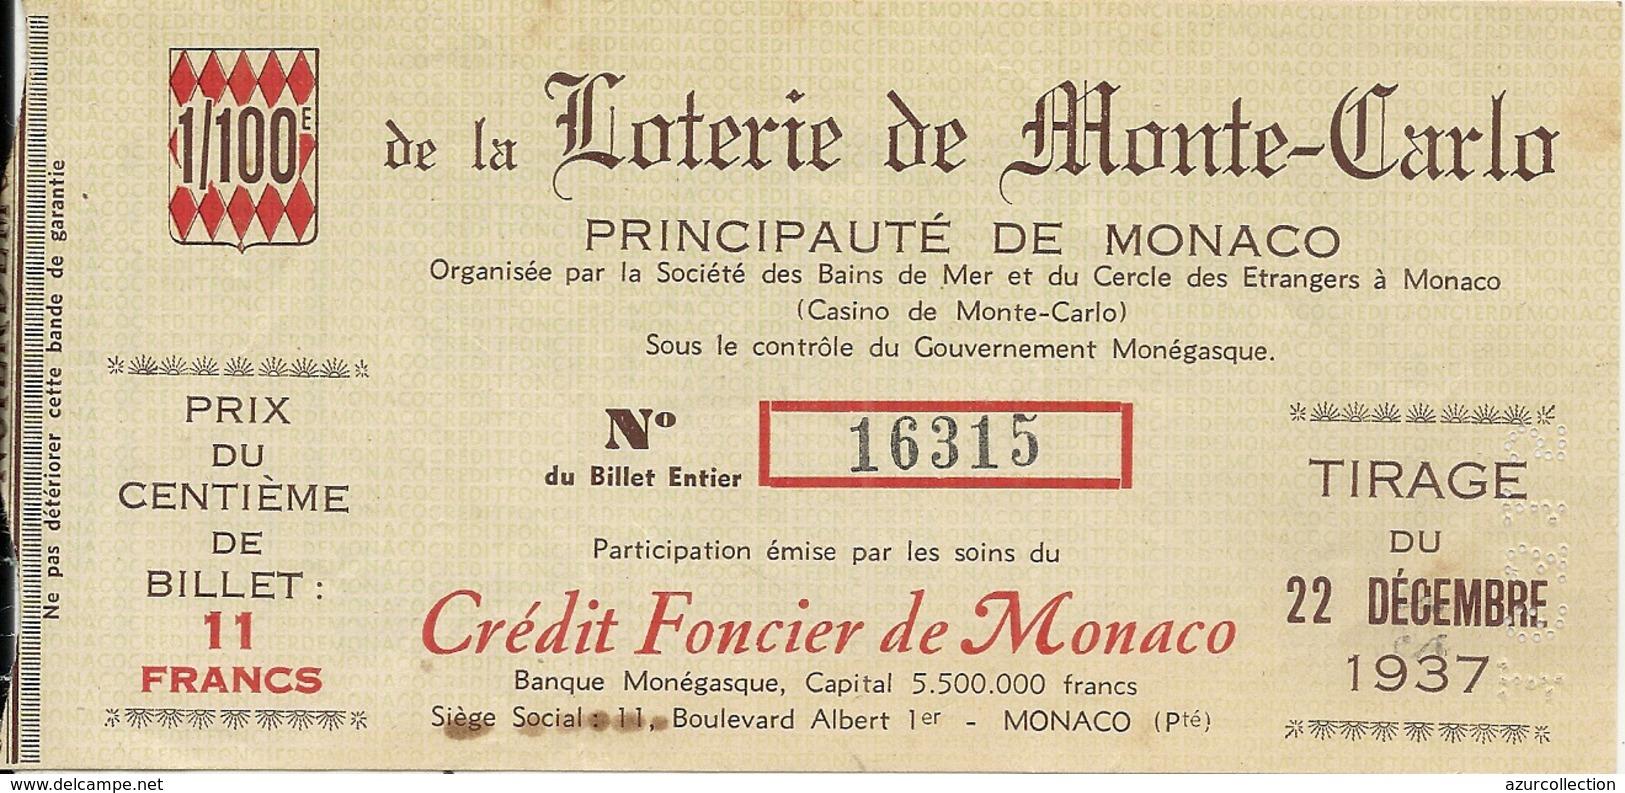 LOTERIE DE MONTE CARLO . SBM . CASINO DE MONTE CARLO .CREDIT FONCIER DE MONACO - Billets De Loterie